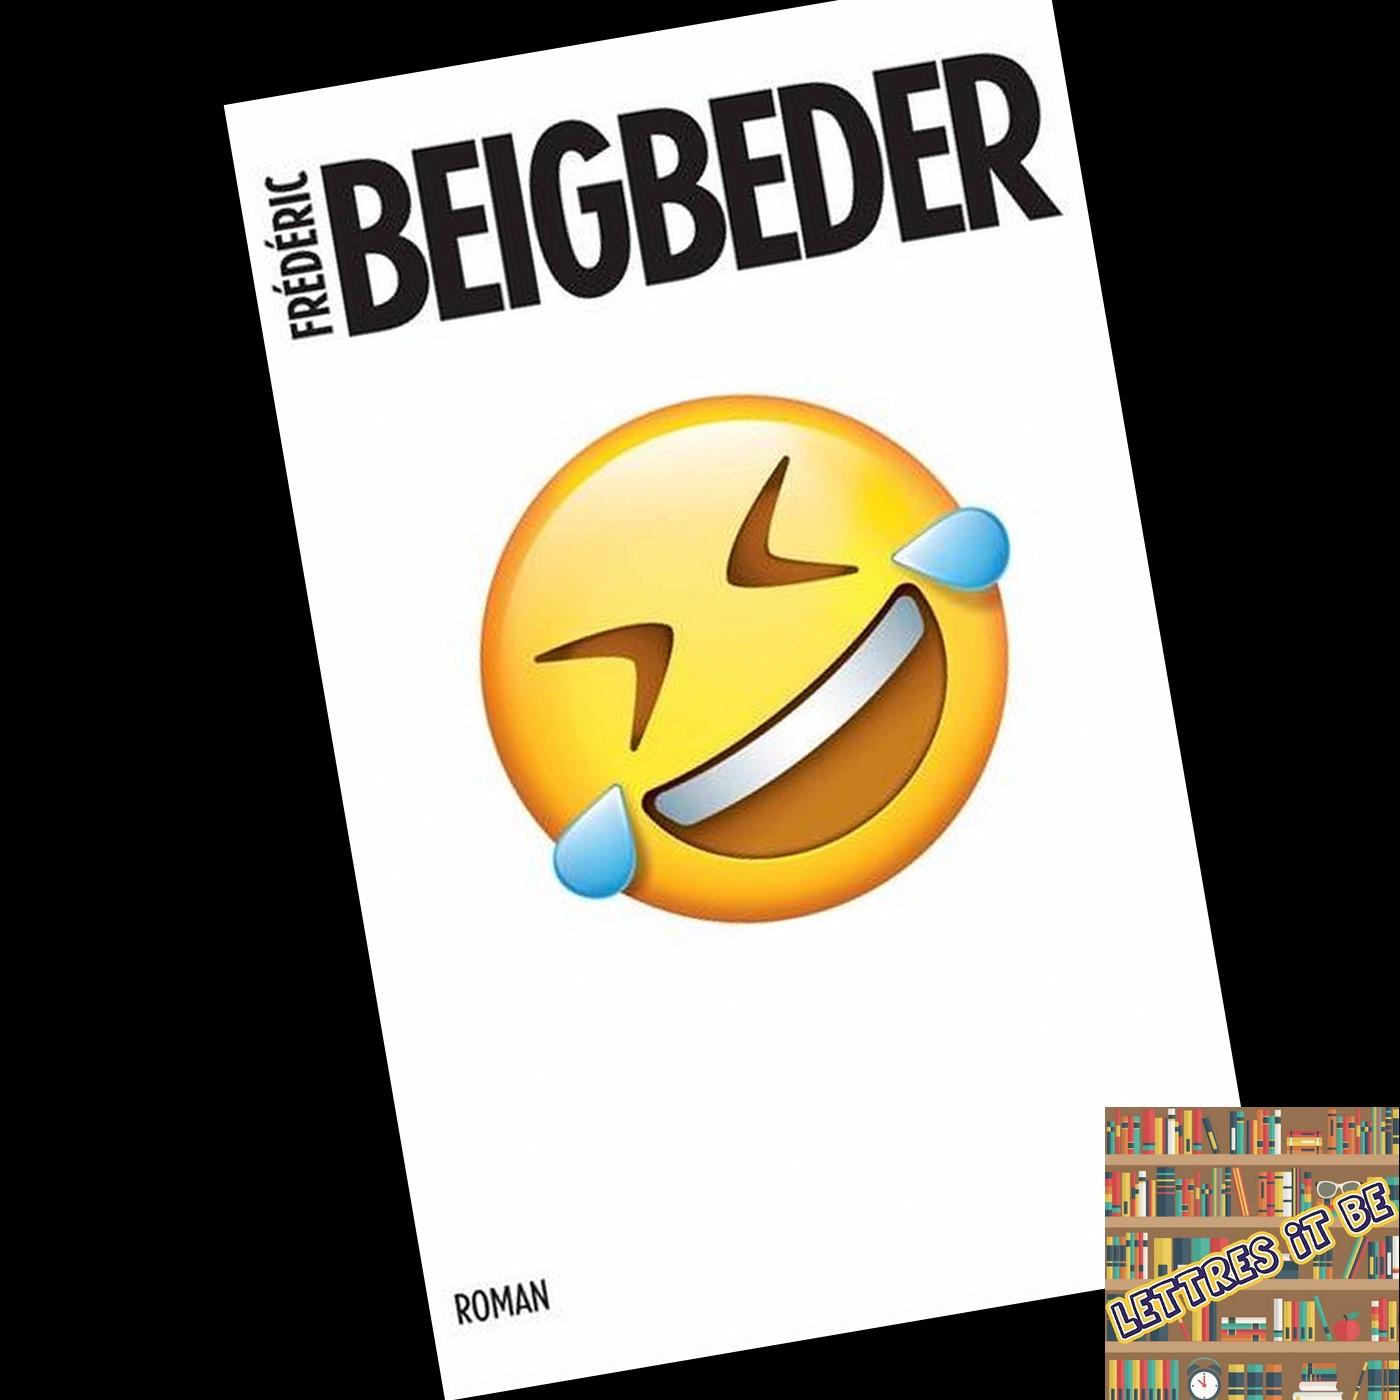 Critique de L'homme qui pleure de rire de Frédéric Beigbeder (Livre)